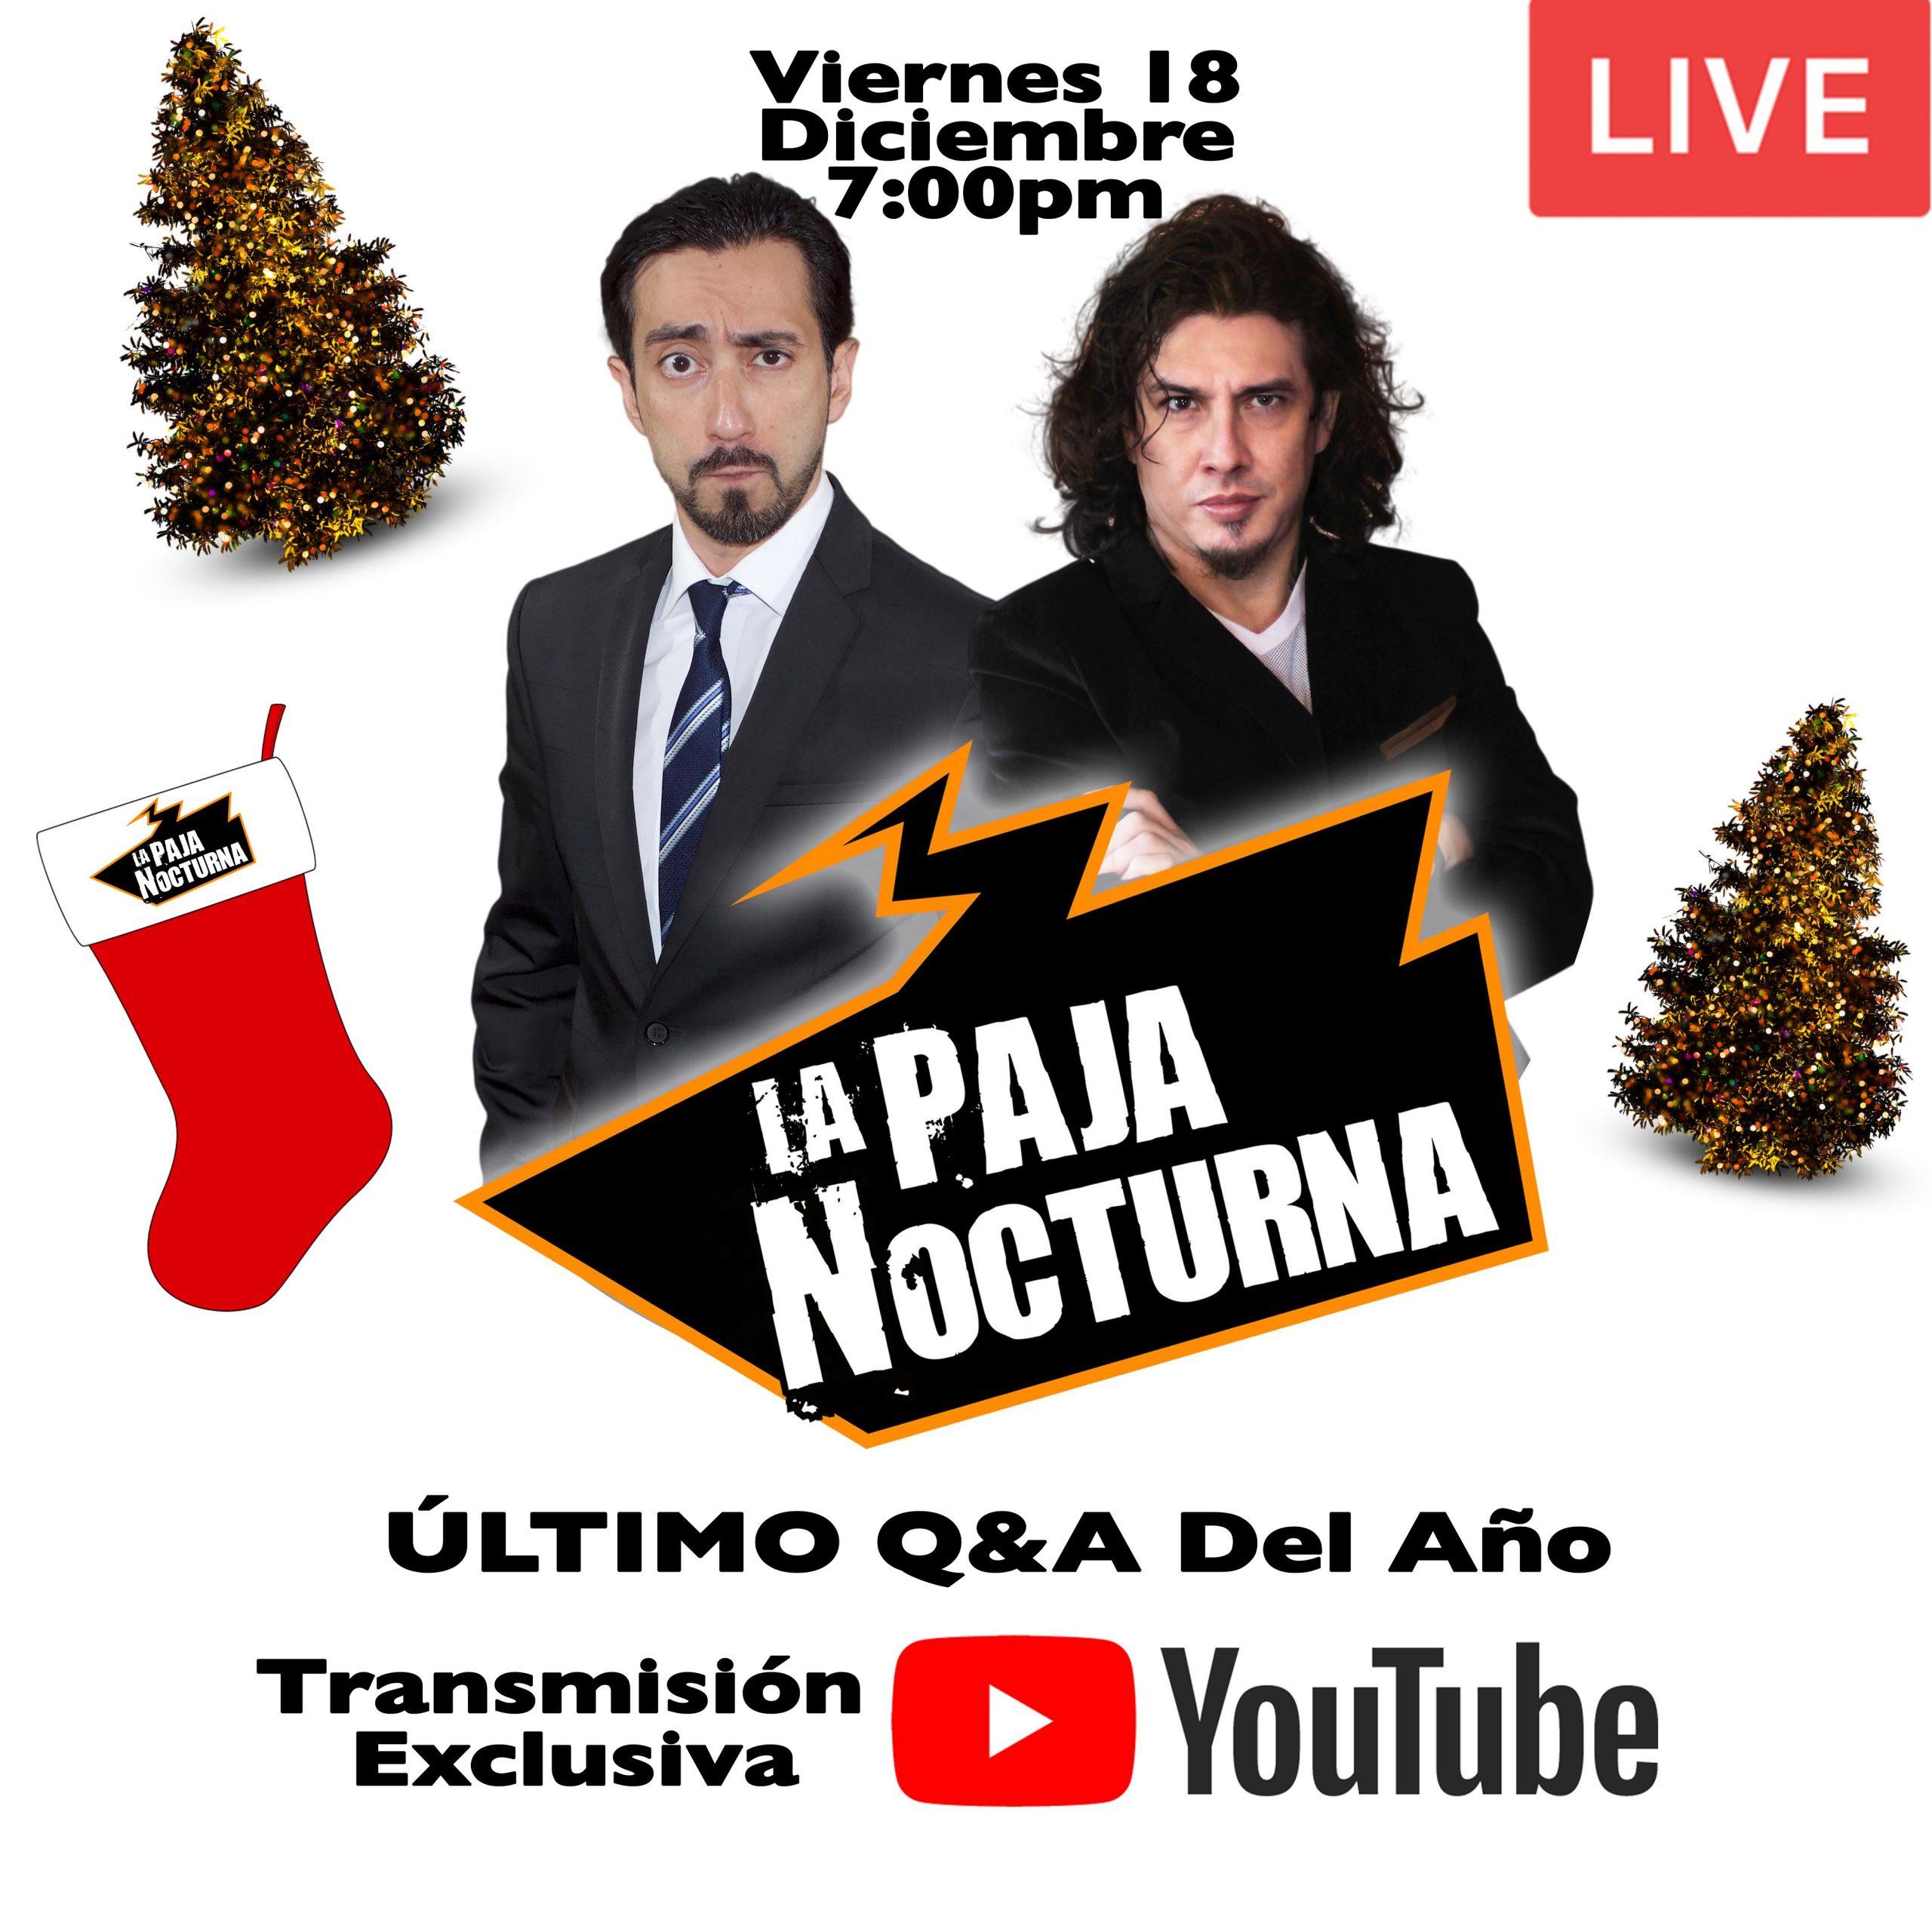 La Paja Nocturna Youtube Live 18 Diciembre